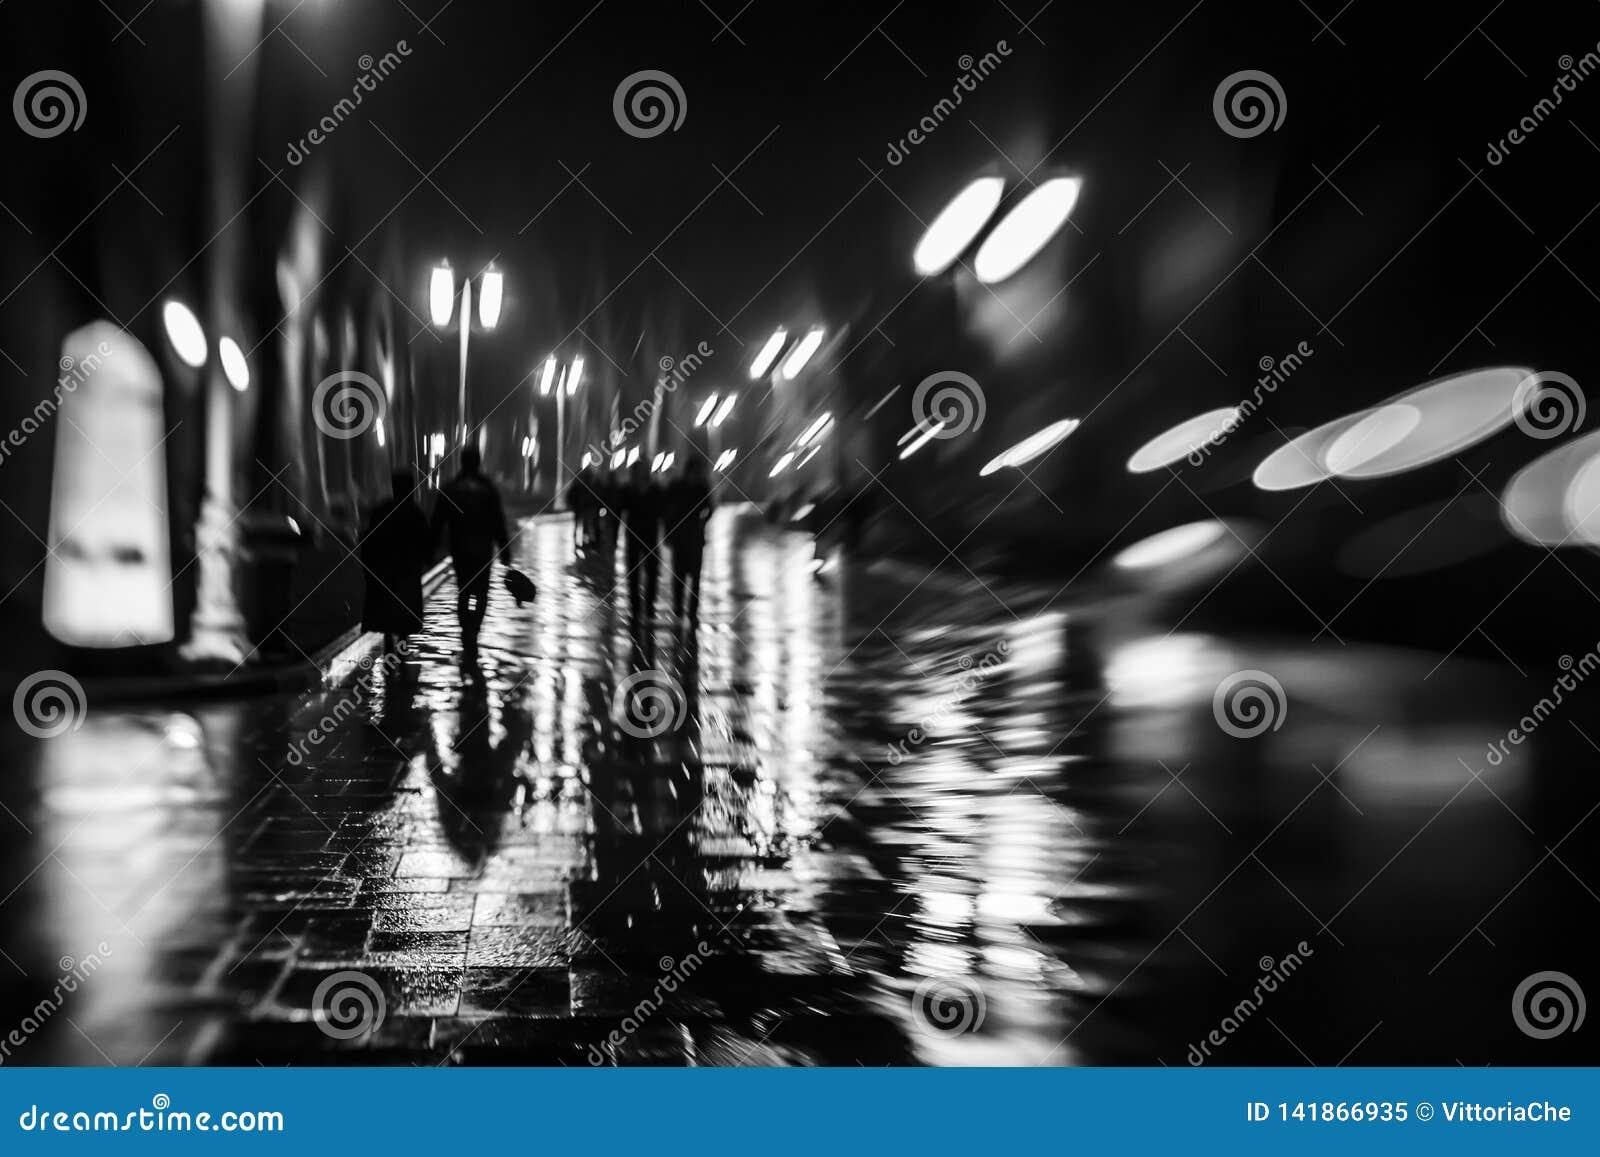 Siluette della gente come lo zombie che cammina alla notte nel piovoso alla luce delle lampade di via, fuoco vago molle